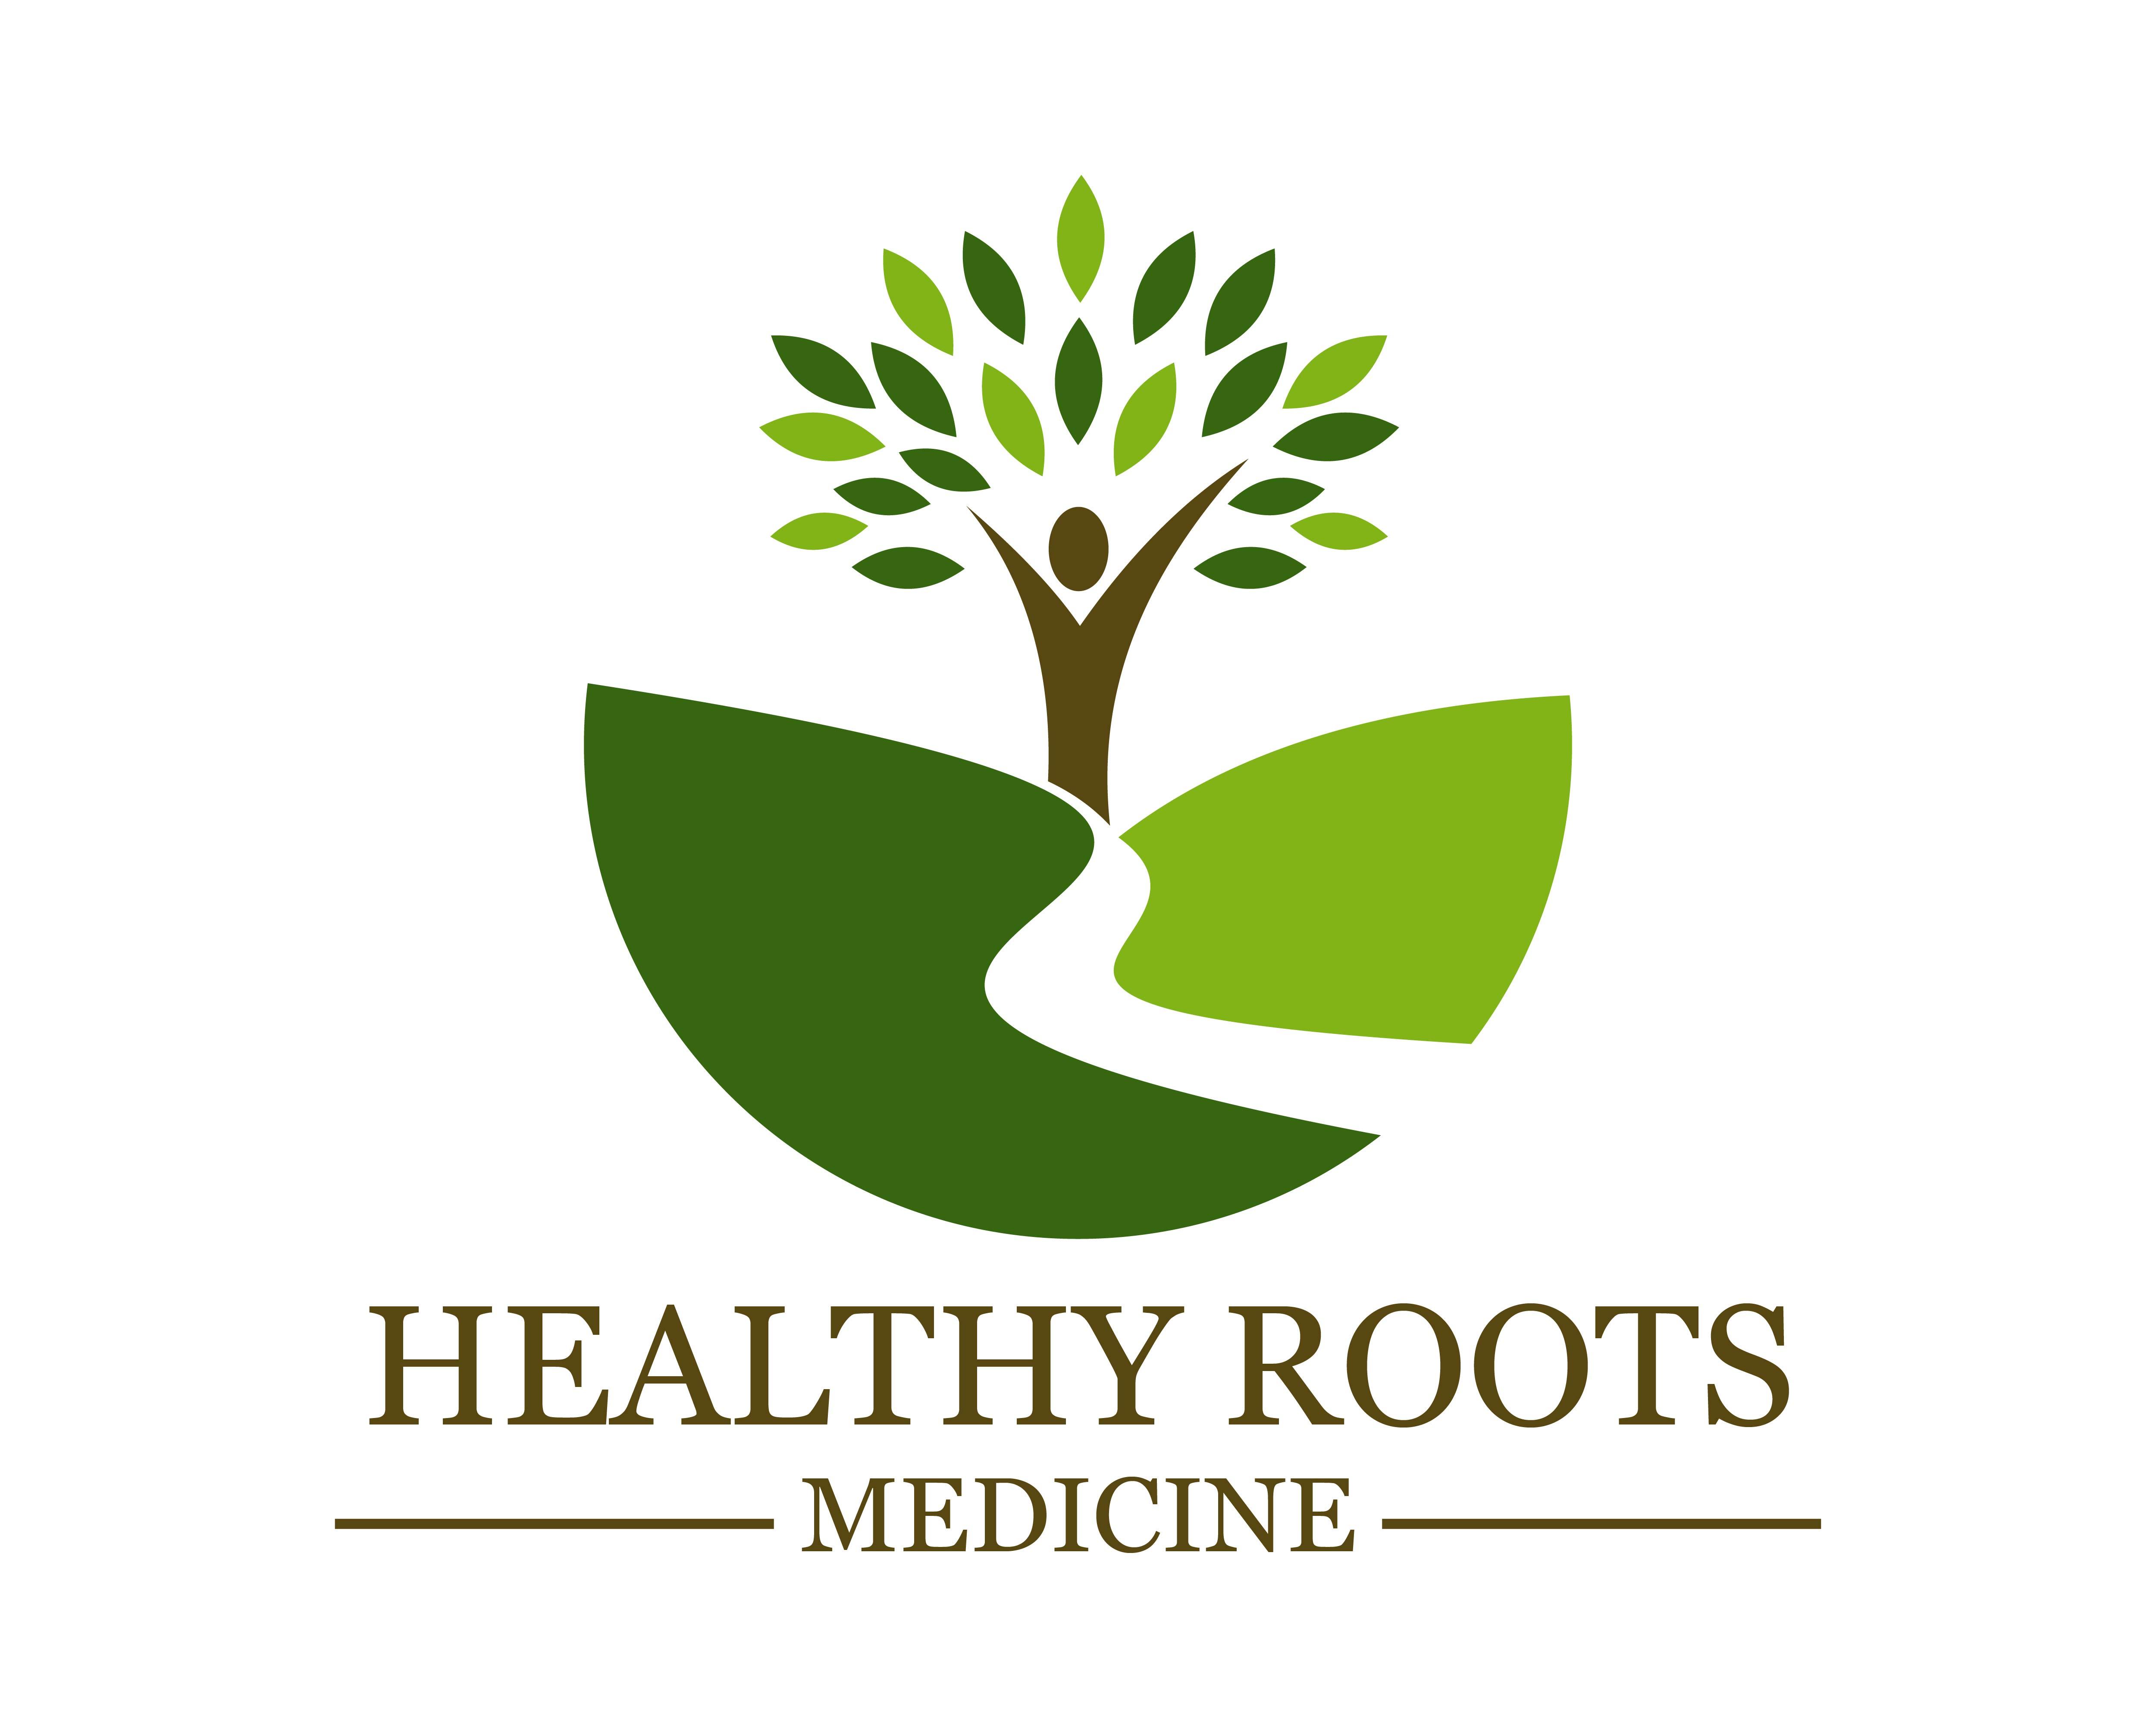 Healthy Roots Medicine